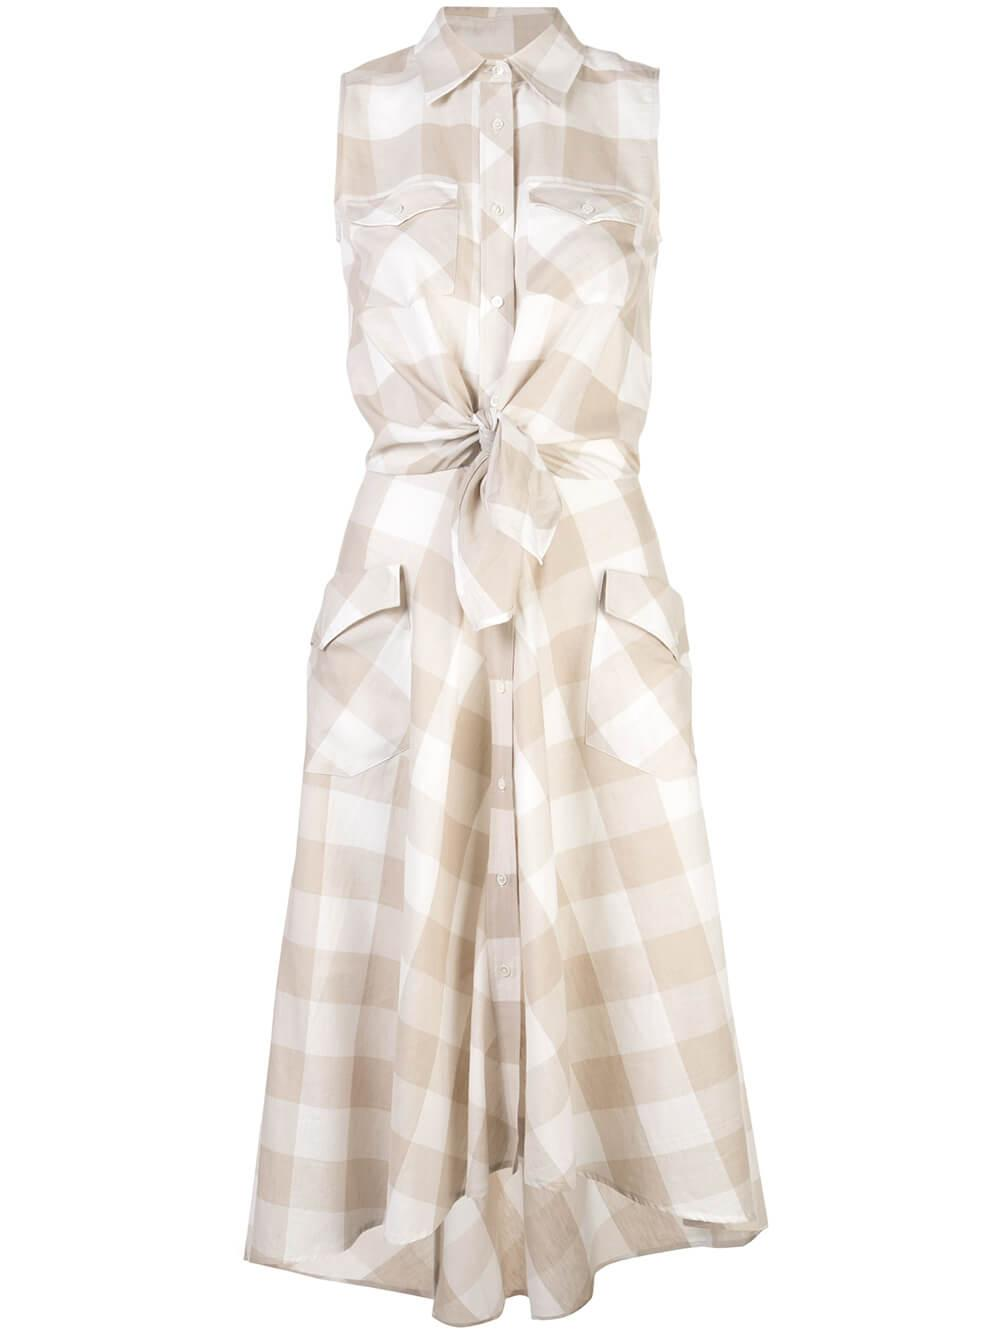 Sleeveless Gingham Print Shirt Dress Item # 8DRAKENS-5